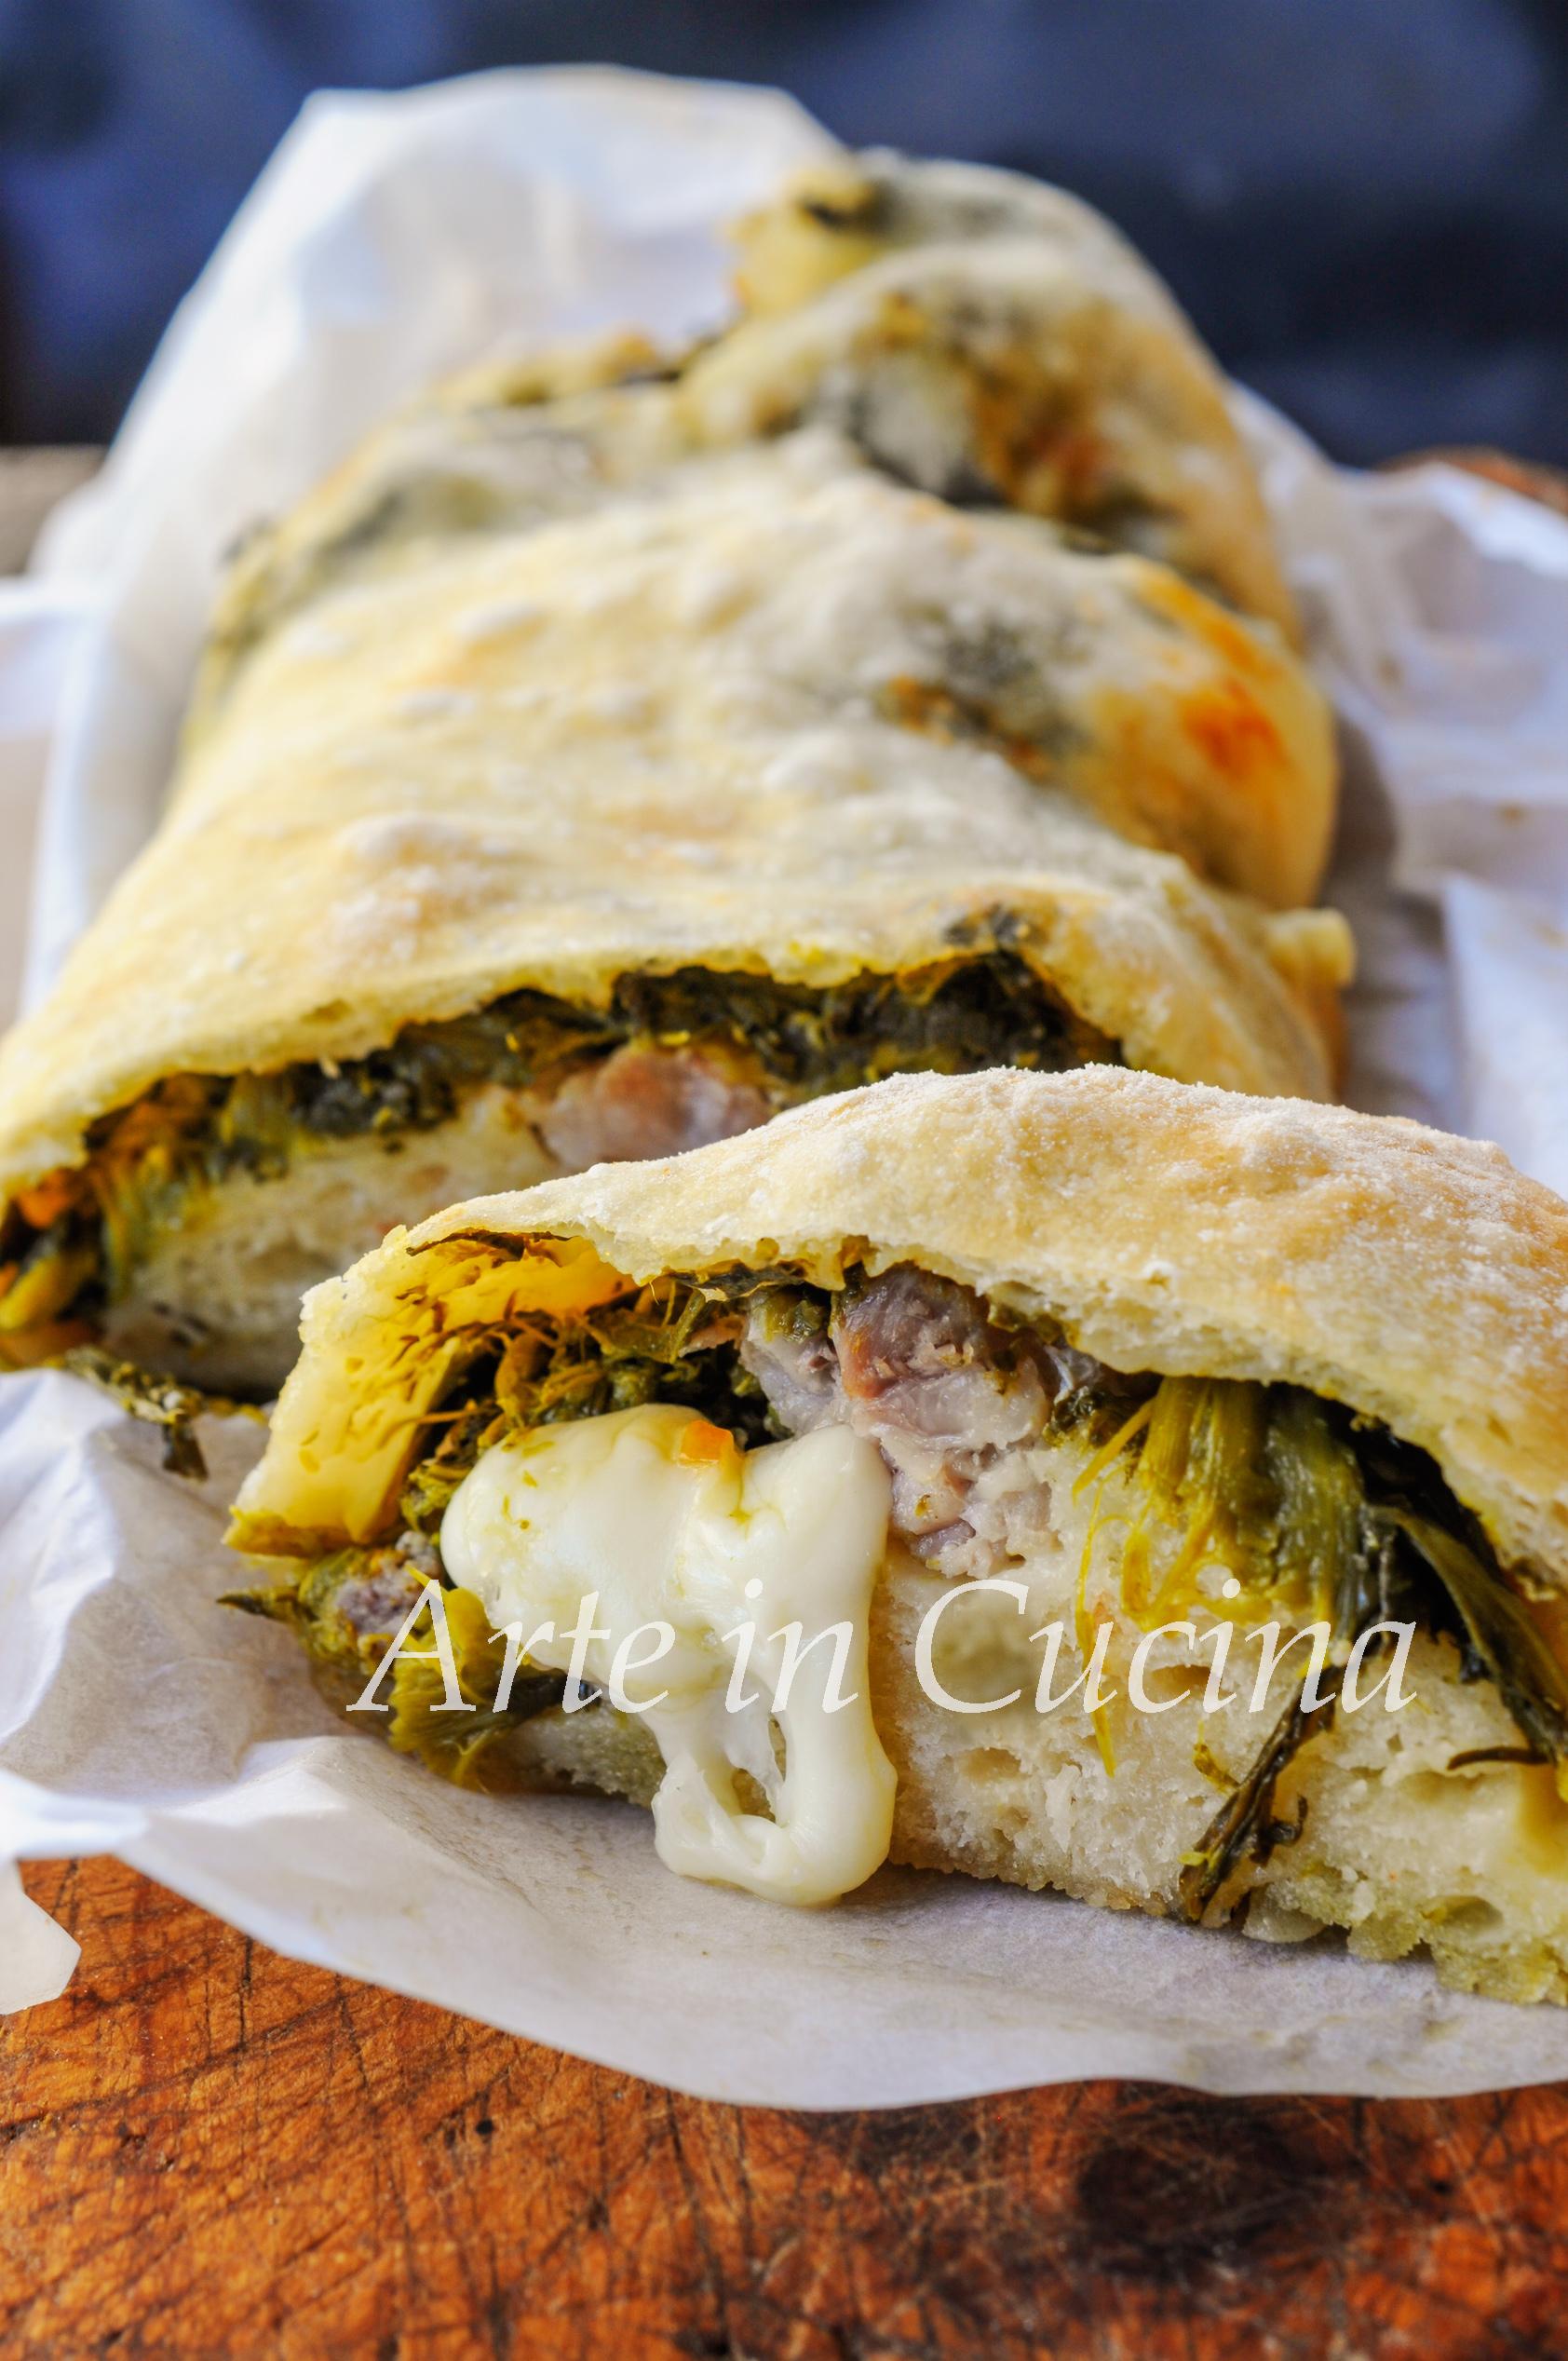 Rotolo salsiccia e broccoletti ricetta facile vickyart arte in cucina